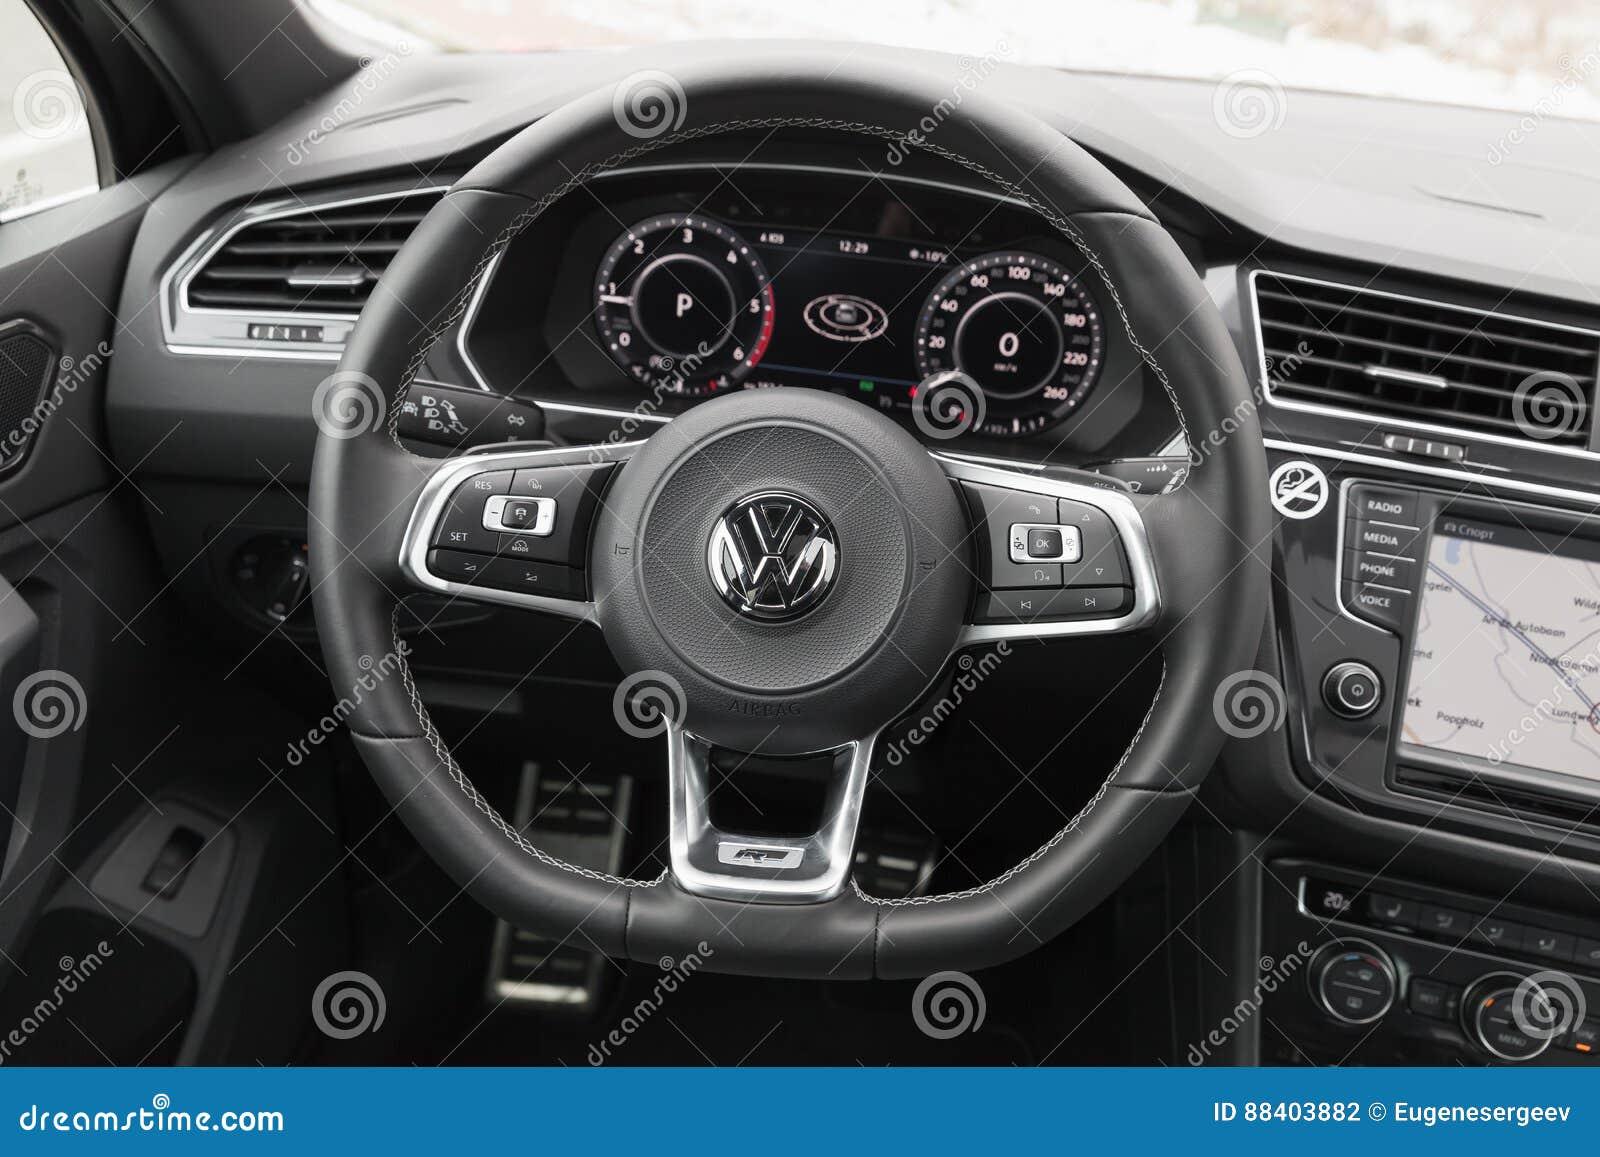 Volkswagen tiguan int rieur du r line 4x4 photographie for Interieur tiguan 2017